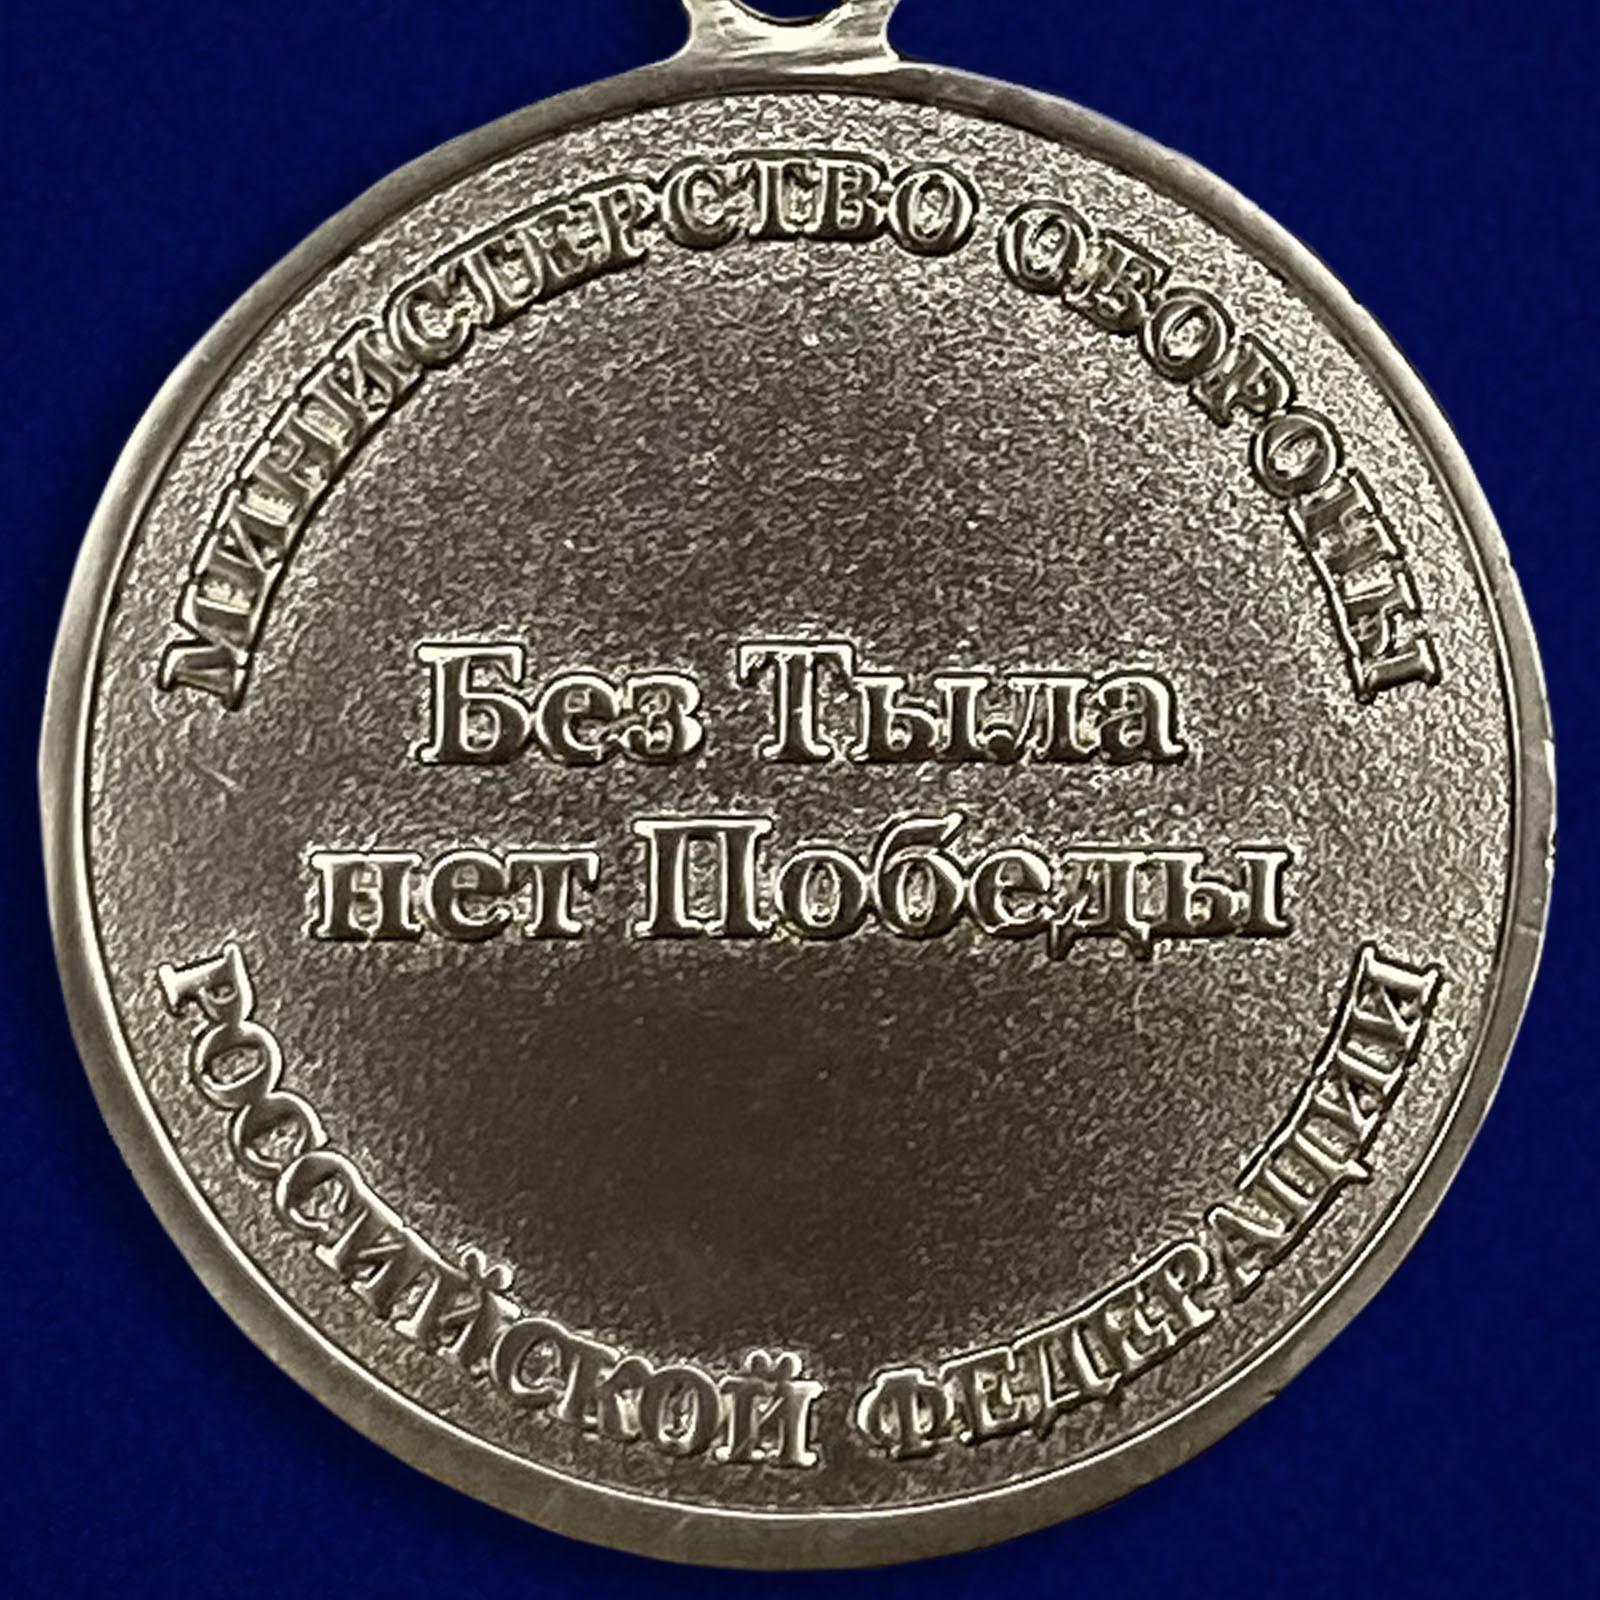 Купить медаль «Генерал армии Хрулев» МО РФ